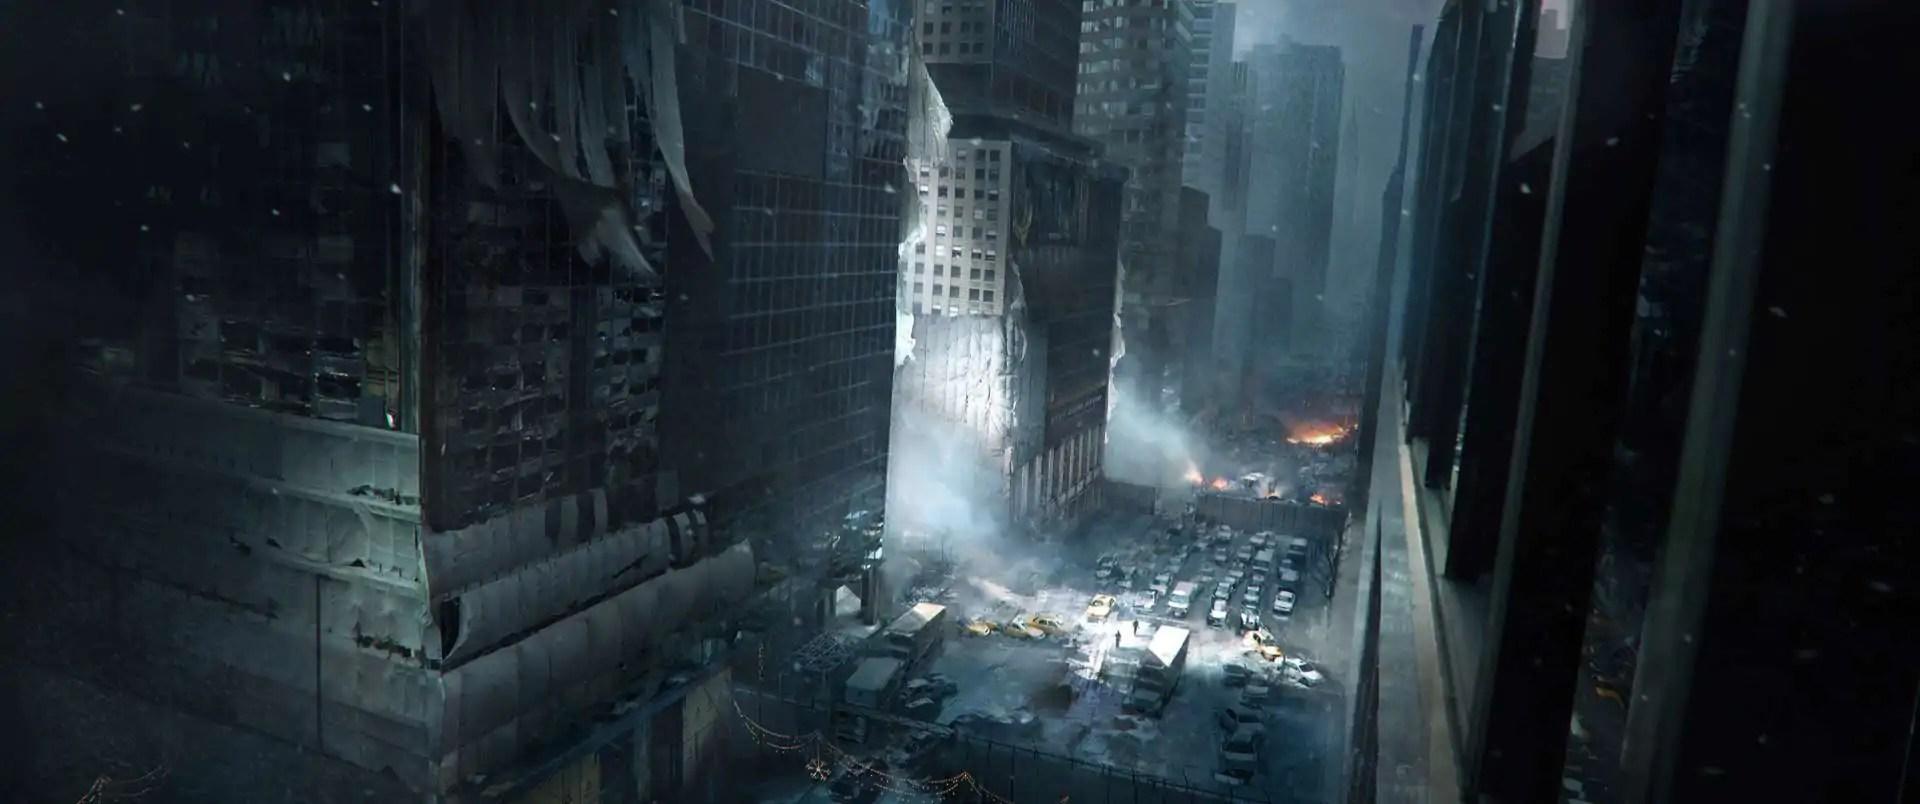 Tom Clancy's The Division: somme al termine della beta 7